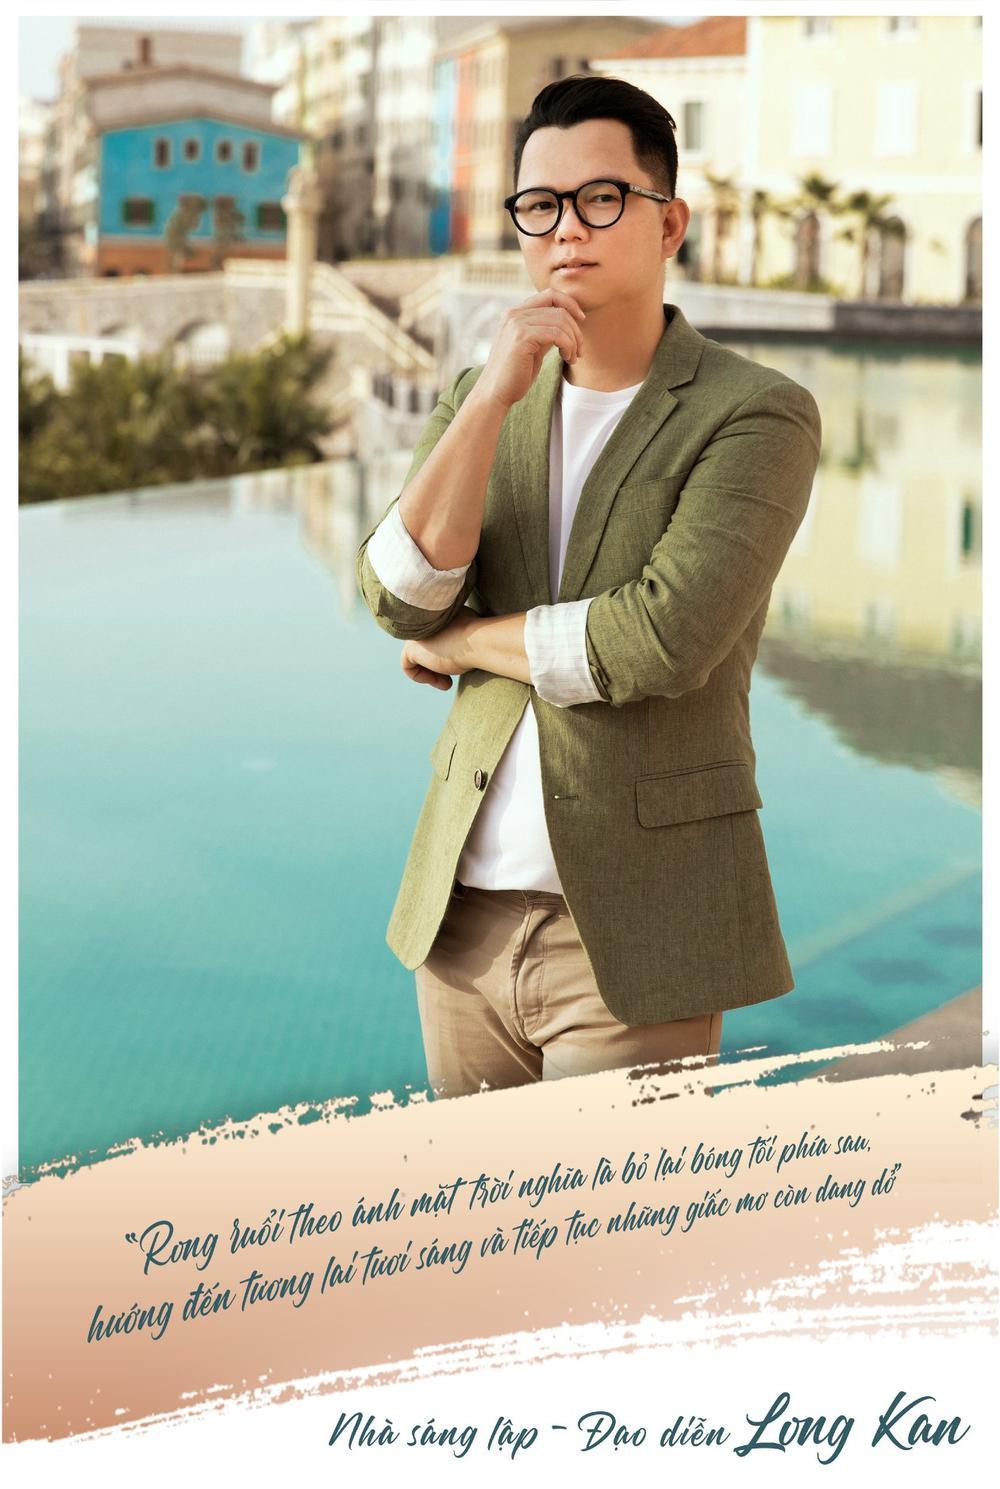 Đạo diễn Long Kan: Sứ mệnh của tôi là phụng sự thời trang Việt! Ảnh 4